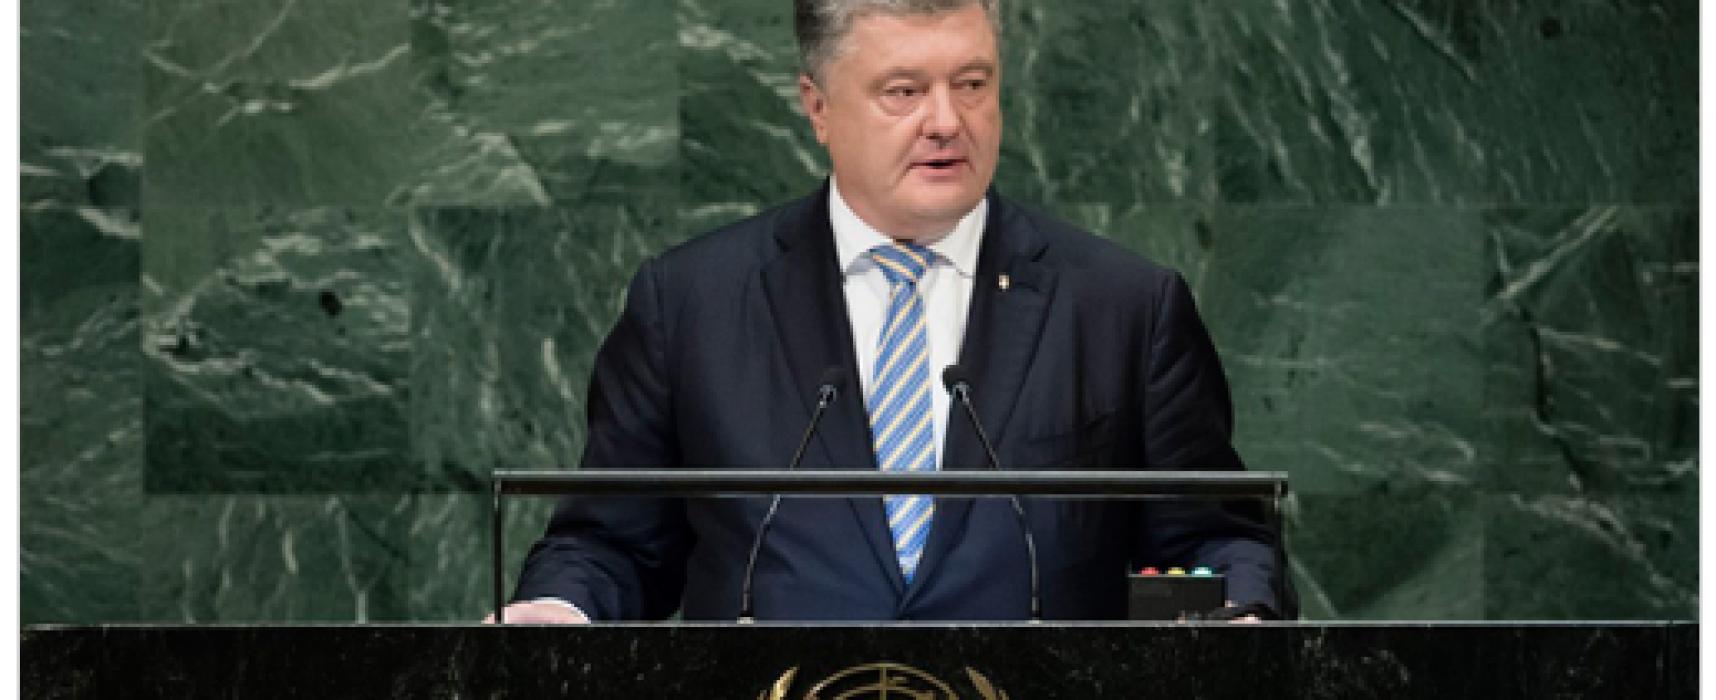 Cómo los medios rusos cubrían el discurso del presidente ucraniano durante la Asamblea General de la ONU